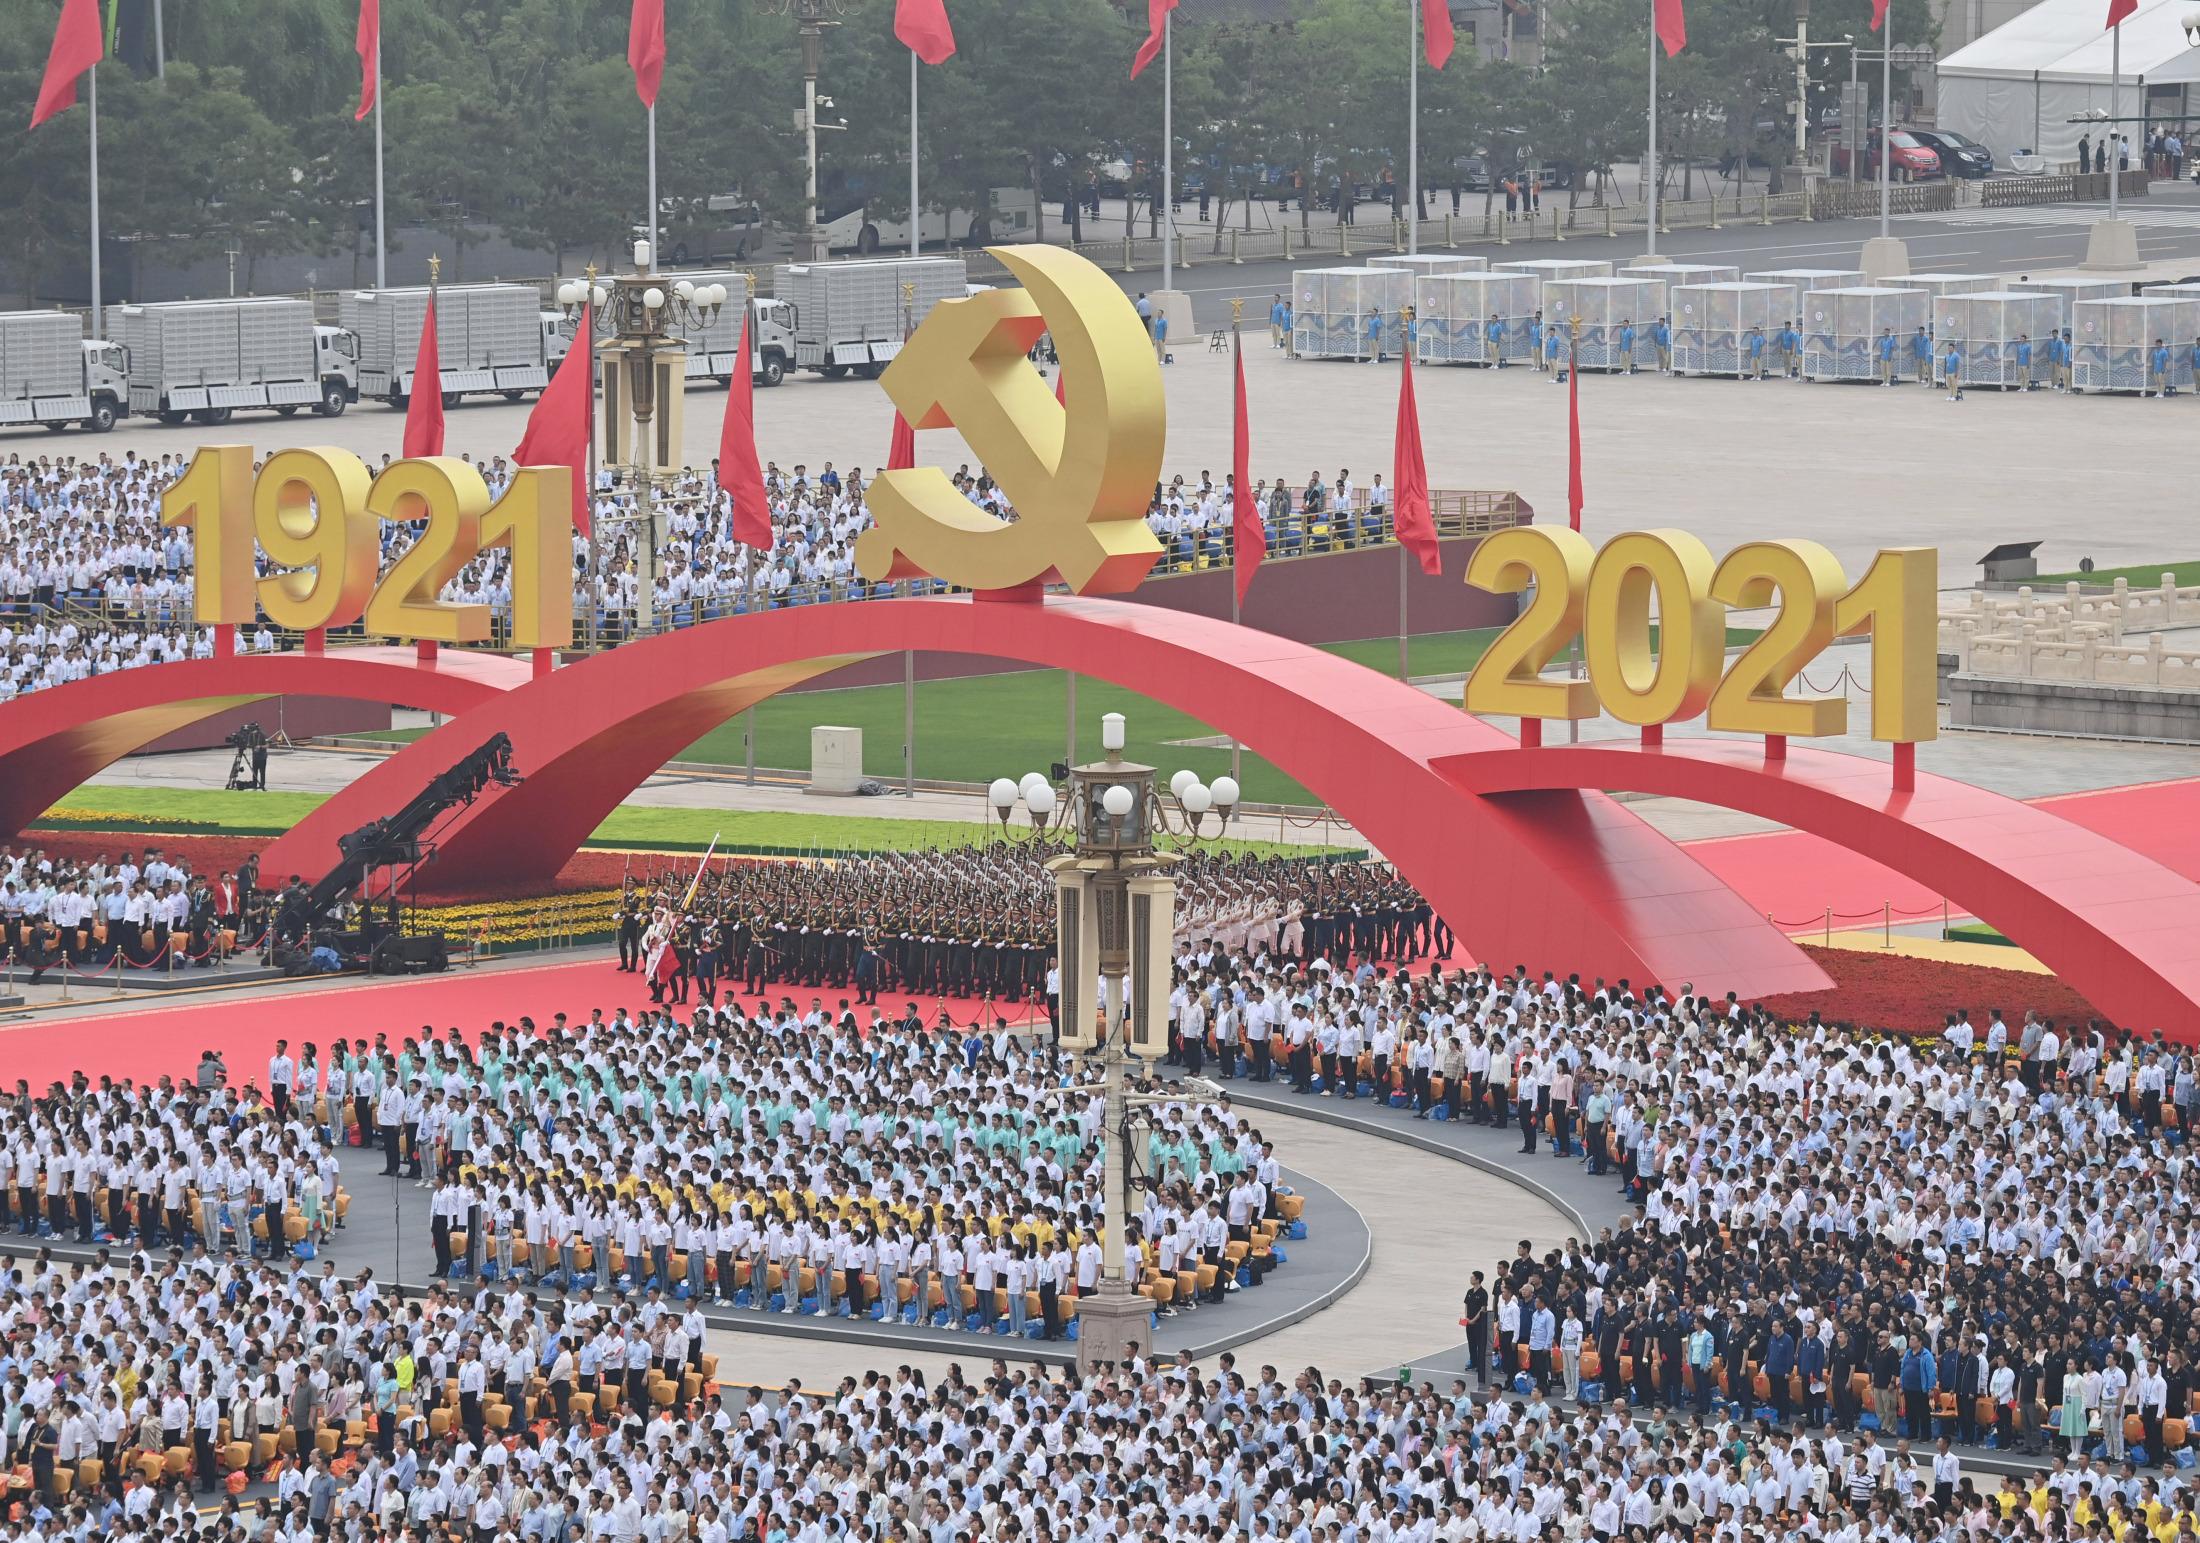 中国共産党100年式典をどう見るか、習近平の野望第二弾(元統合幕僚長の岩崎氏)